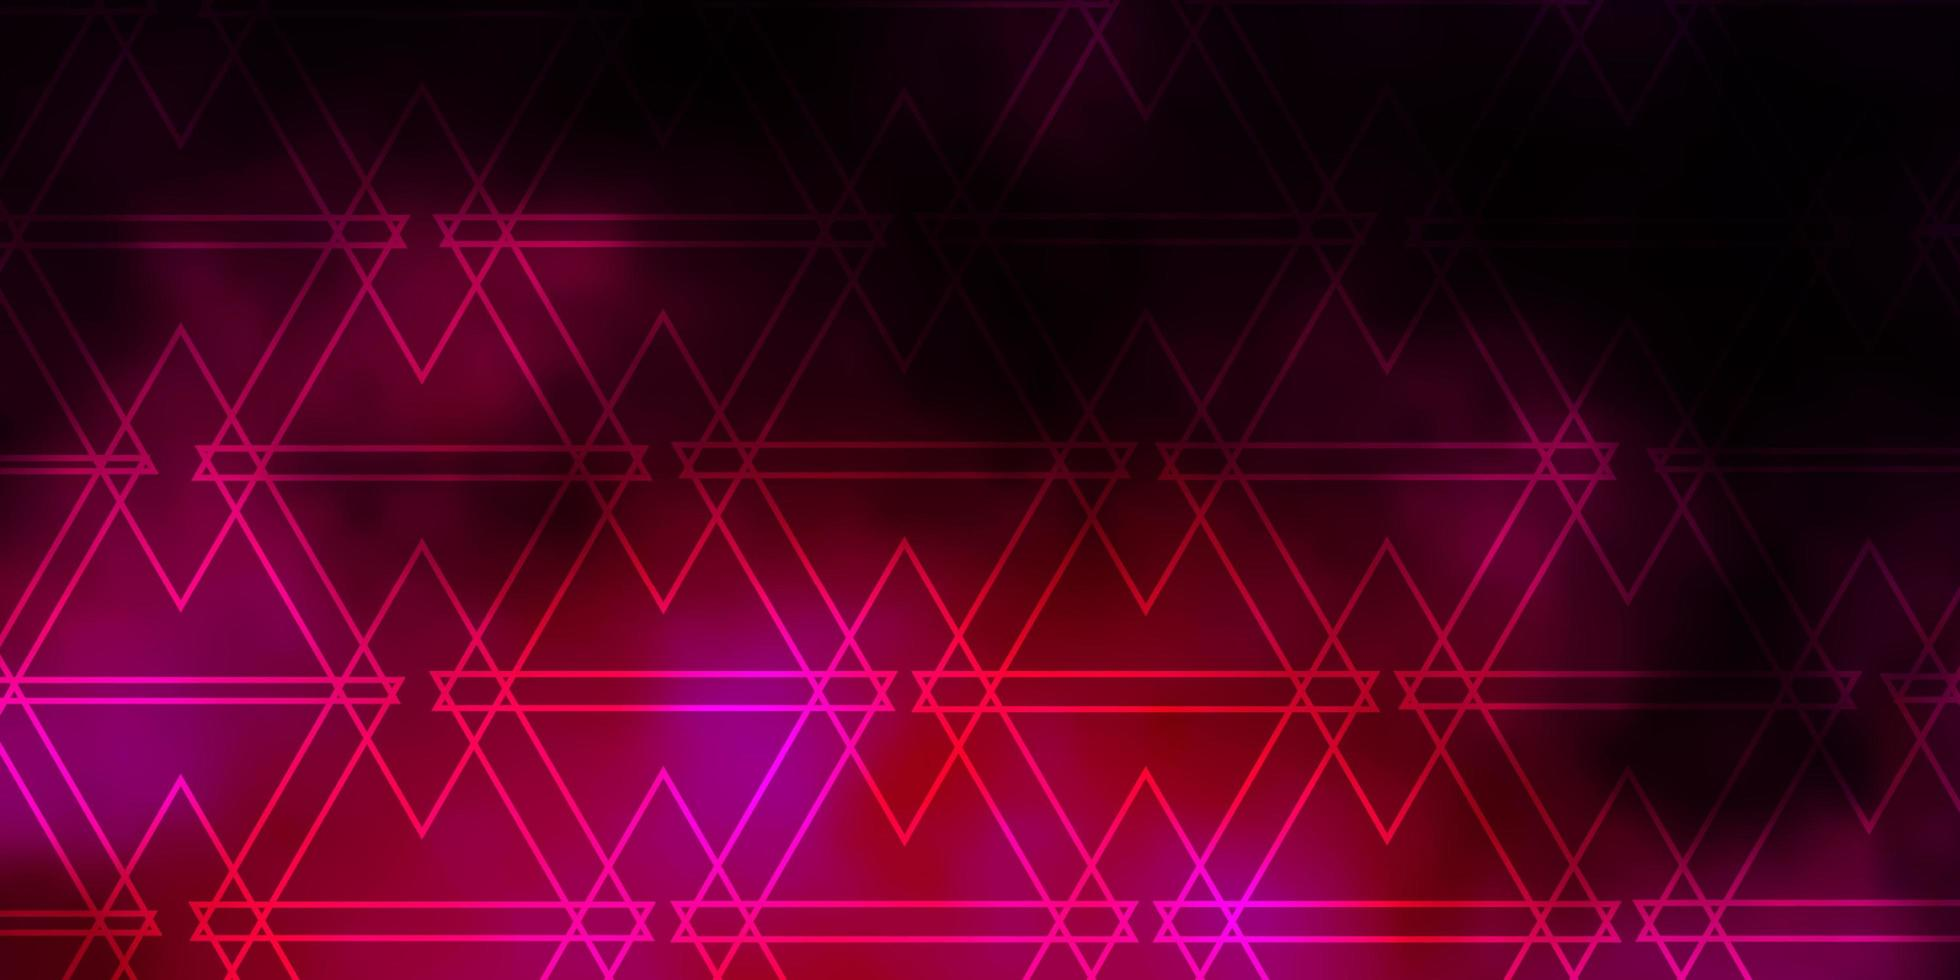 modello vettoriale rosa scuro con stile poligonale.